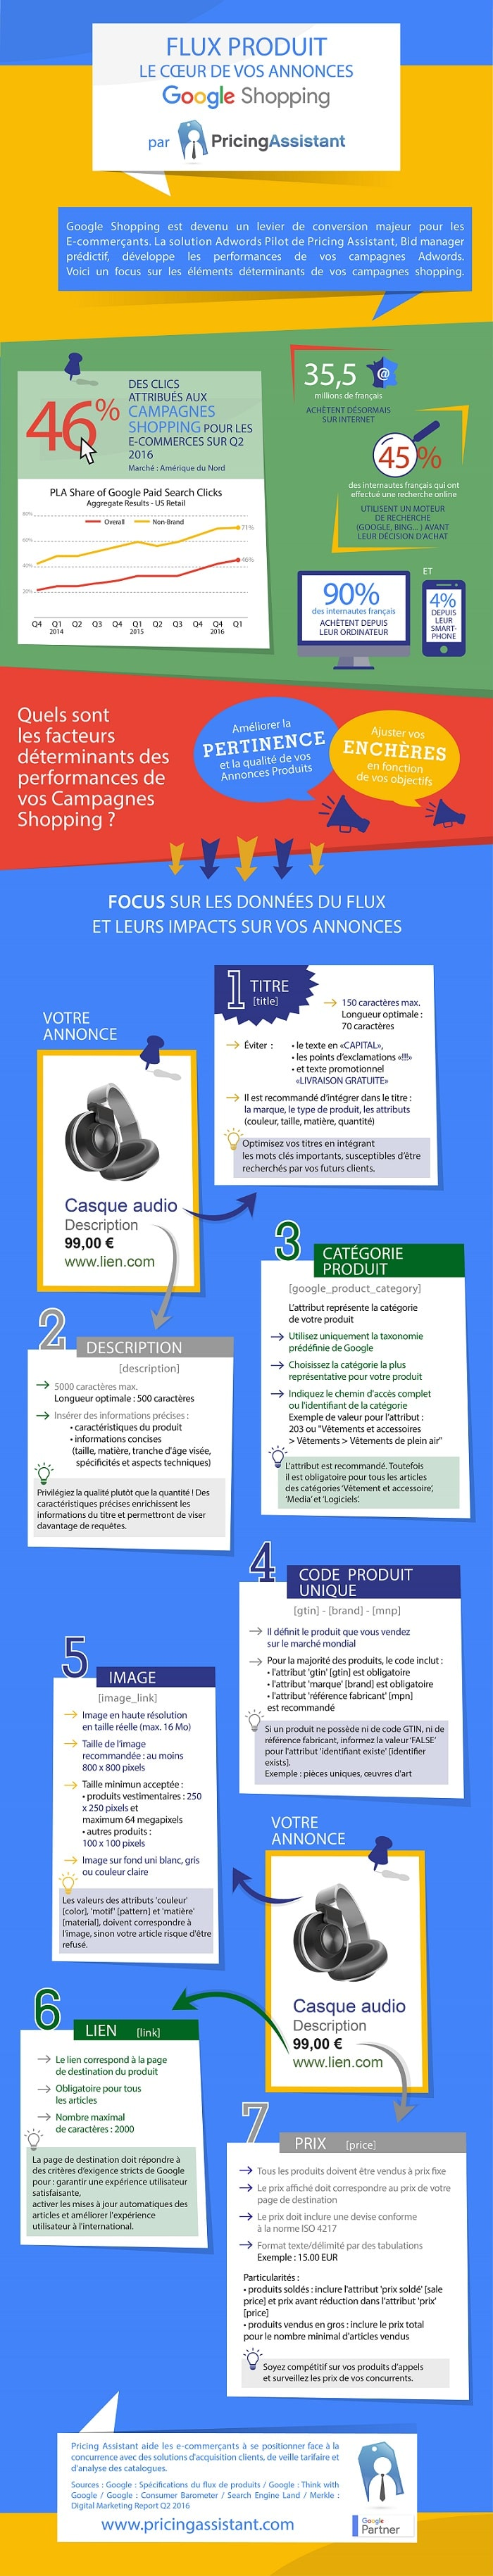 Infographie Pricing Assistant - Les bonnes pratiques Google Shopping